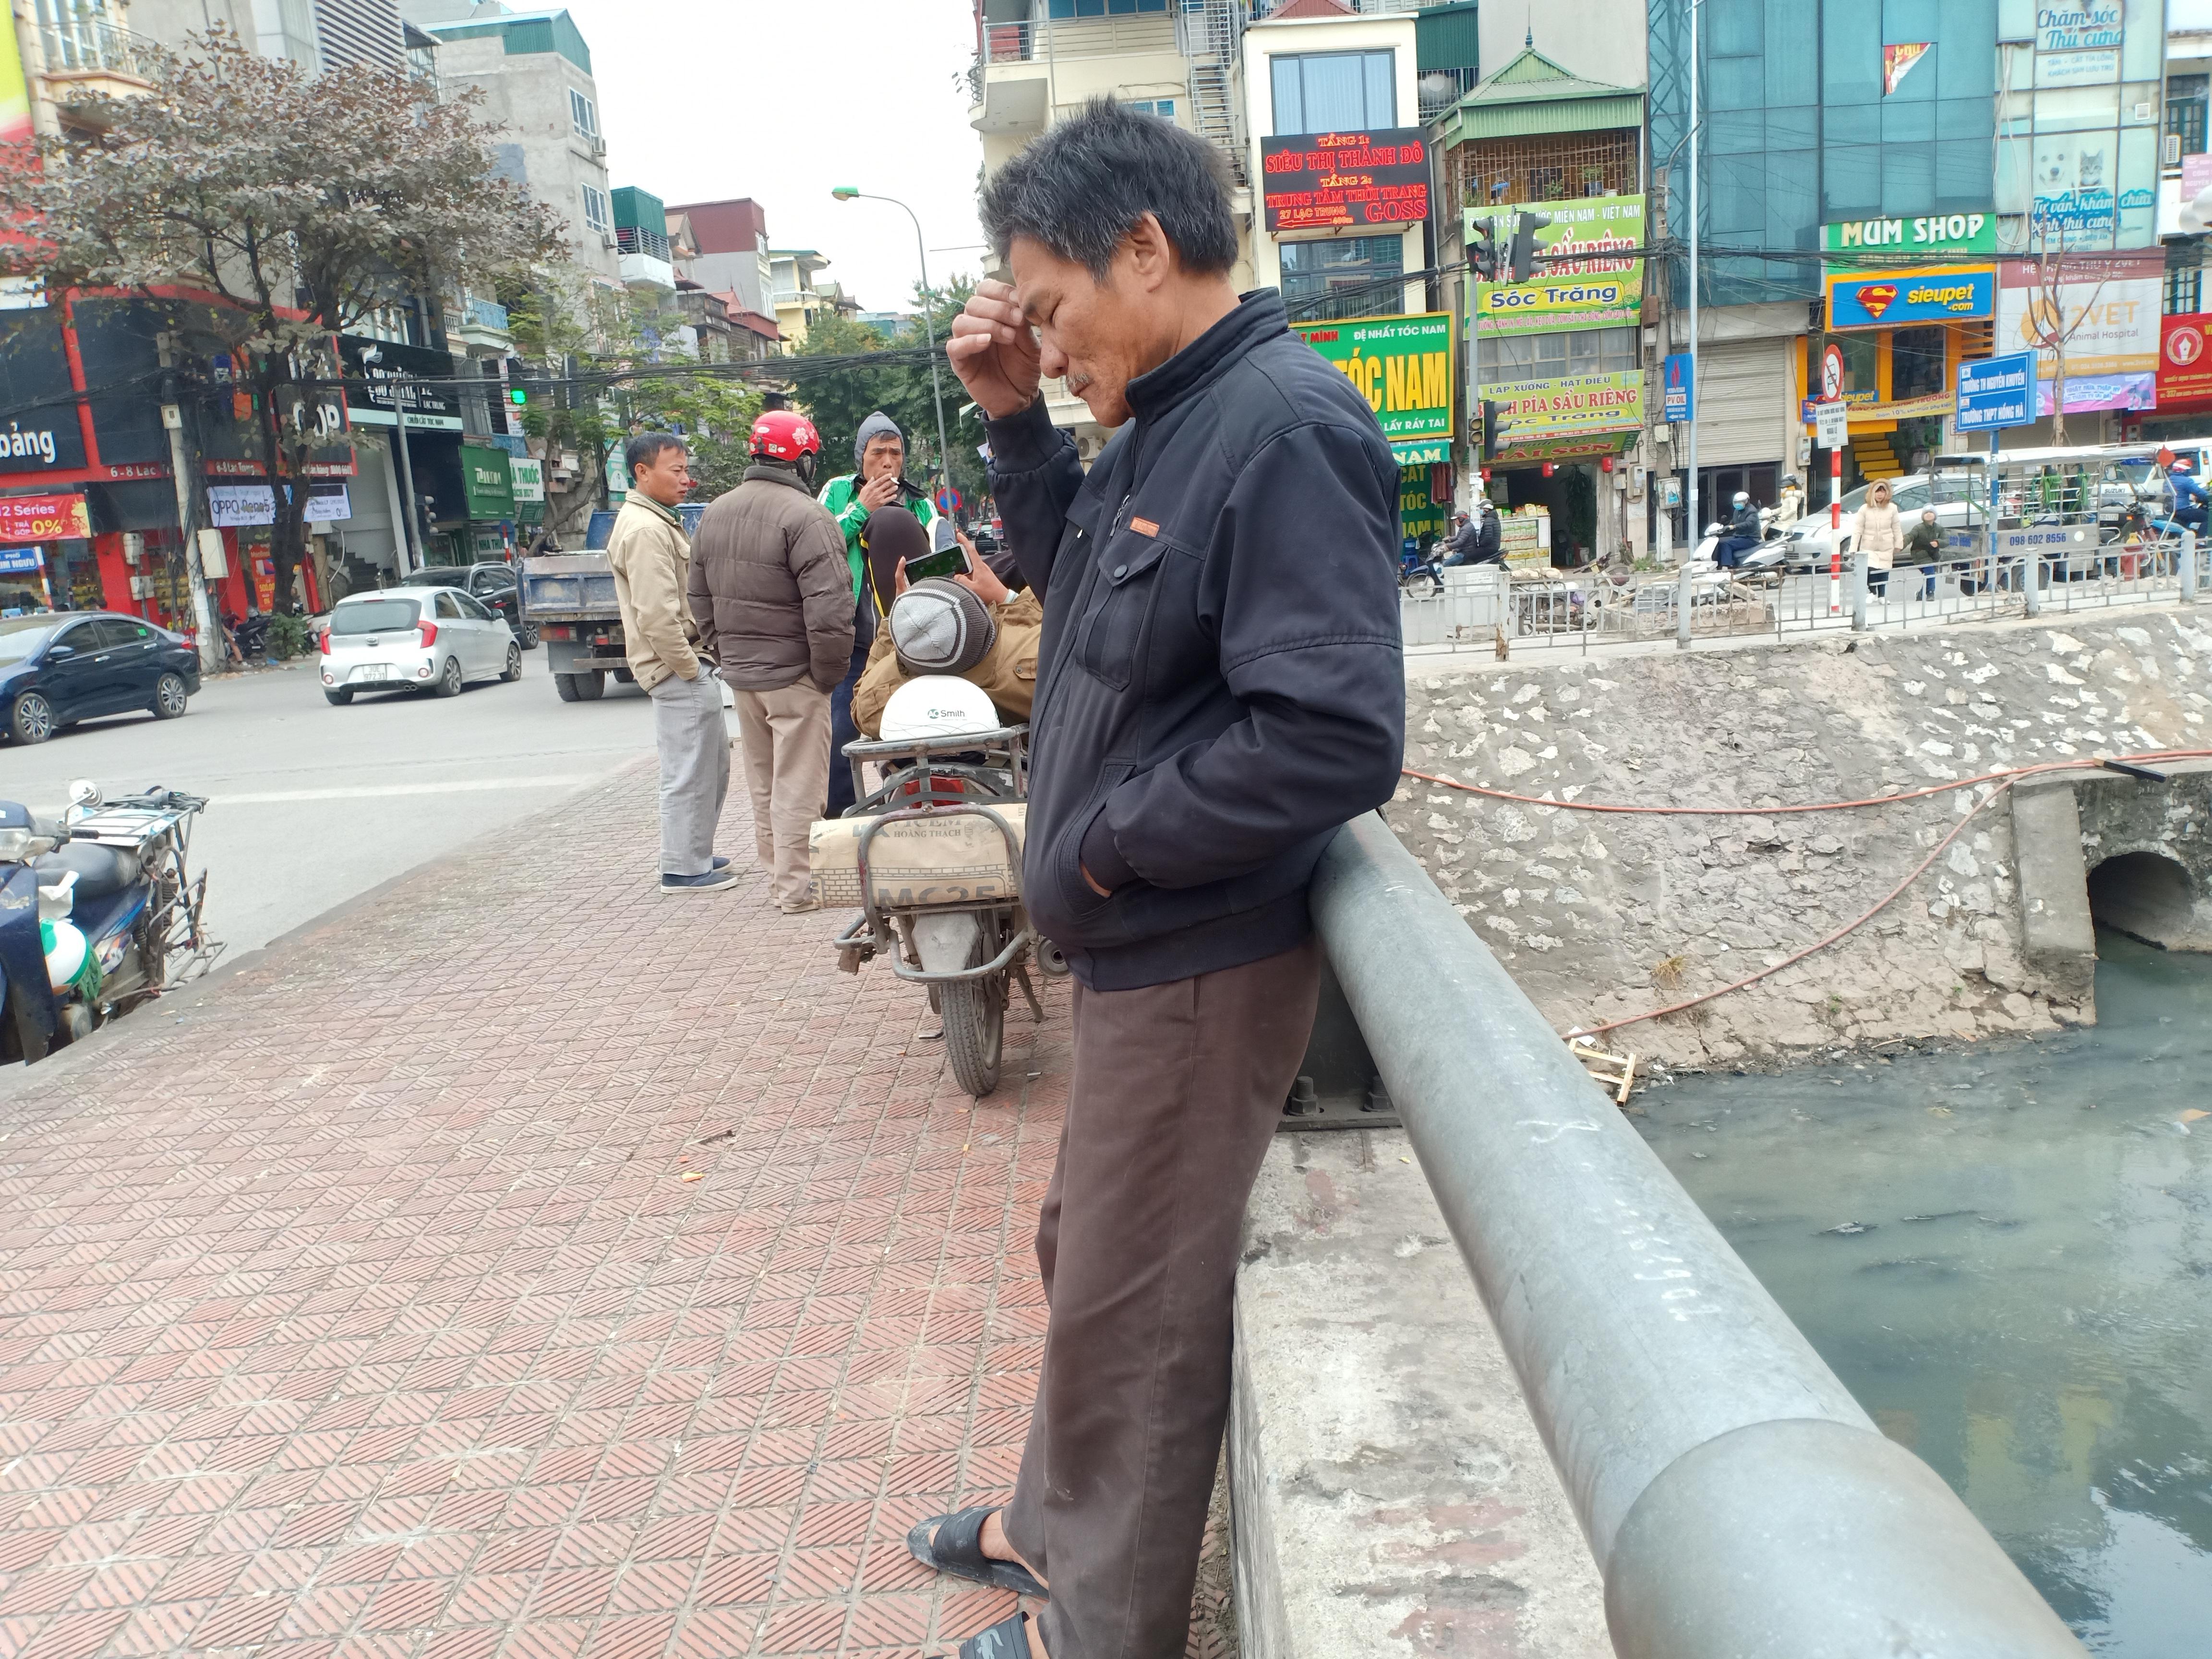 Hà Nội: Cửu vạn ngóng khách trong giá rét 8-10 độ C - 2